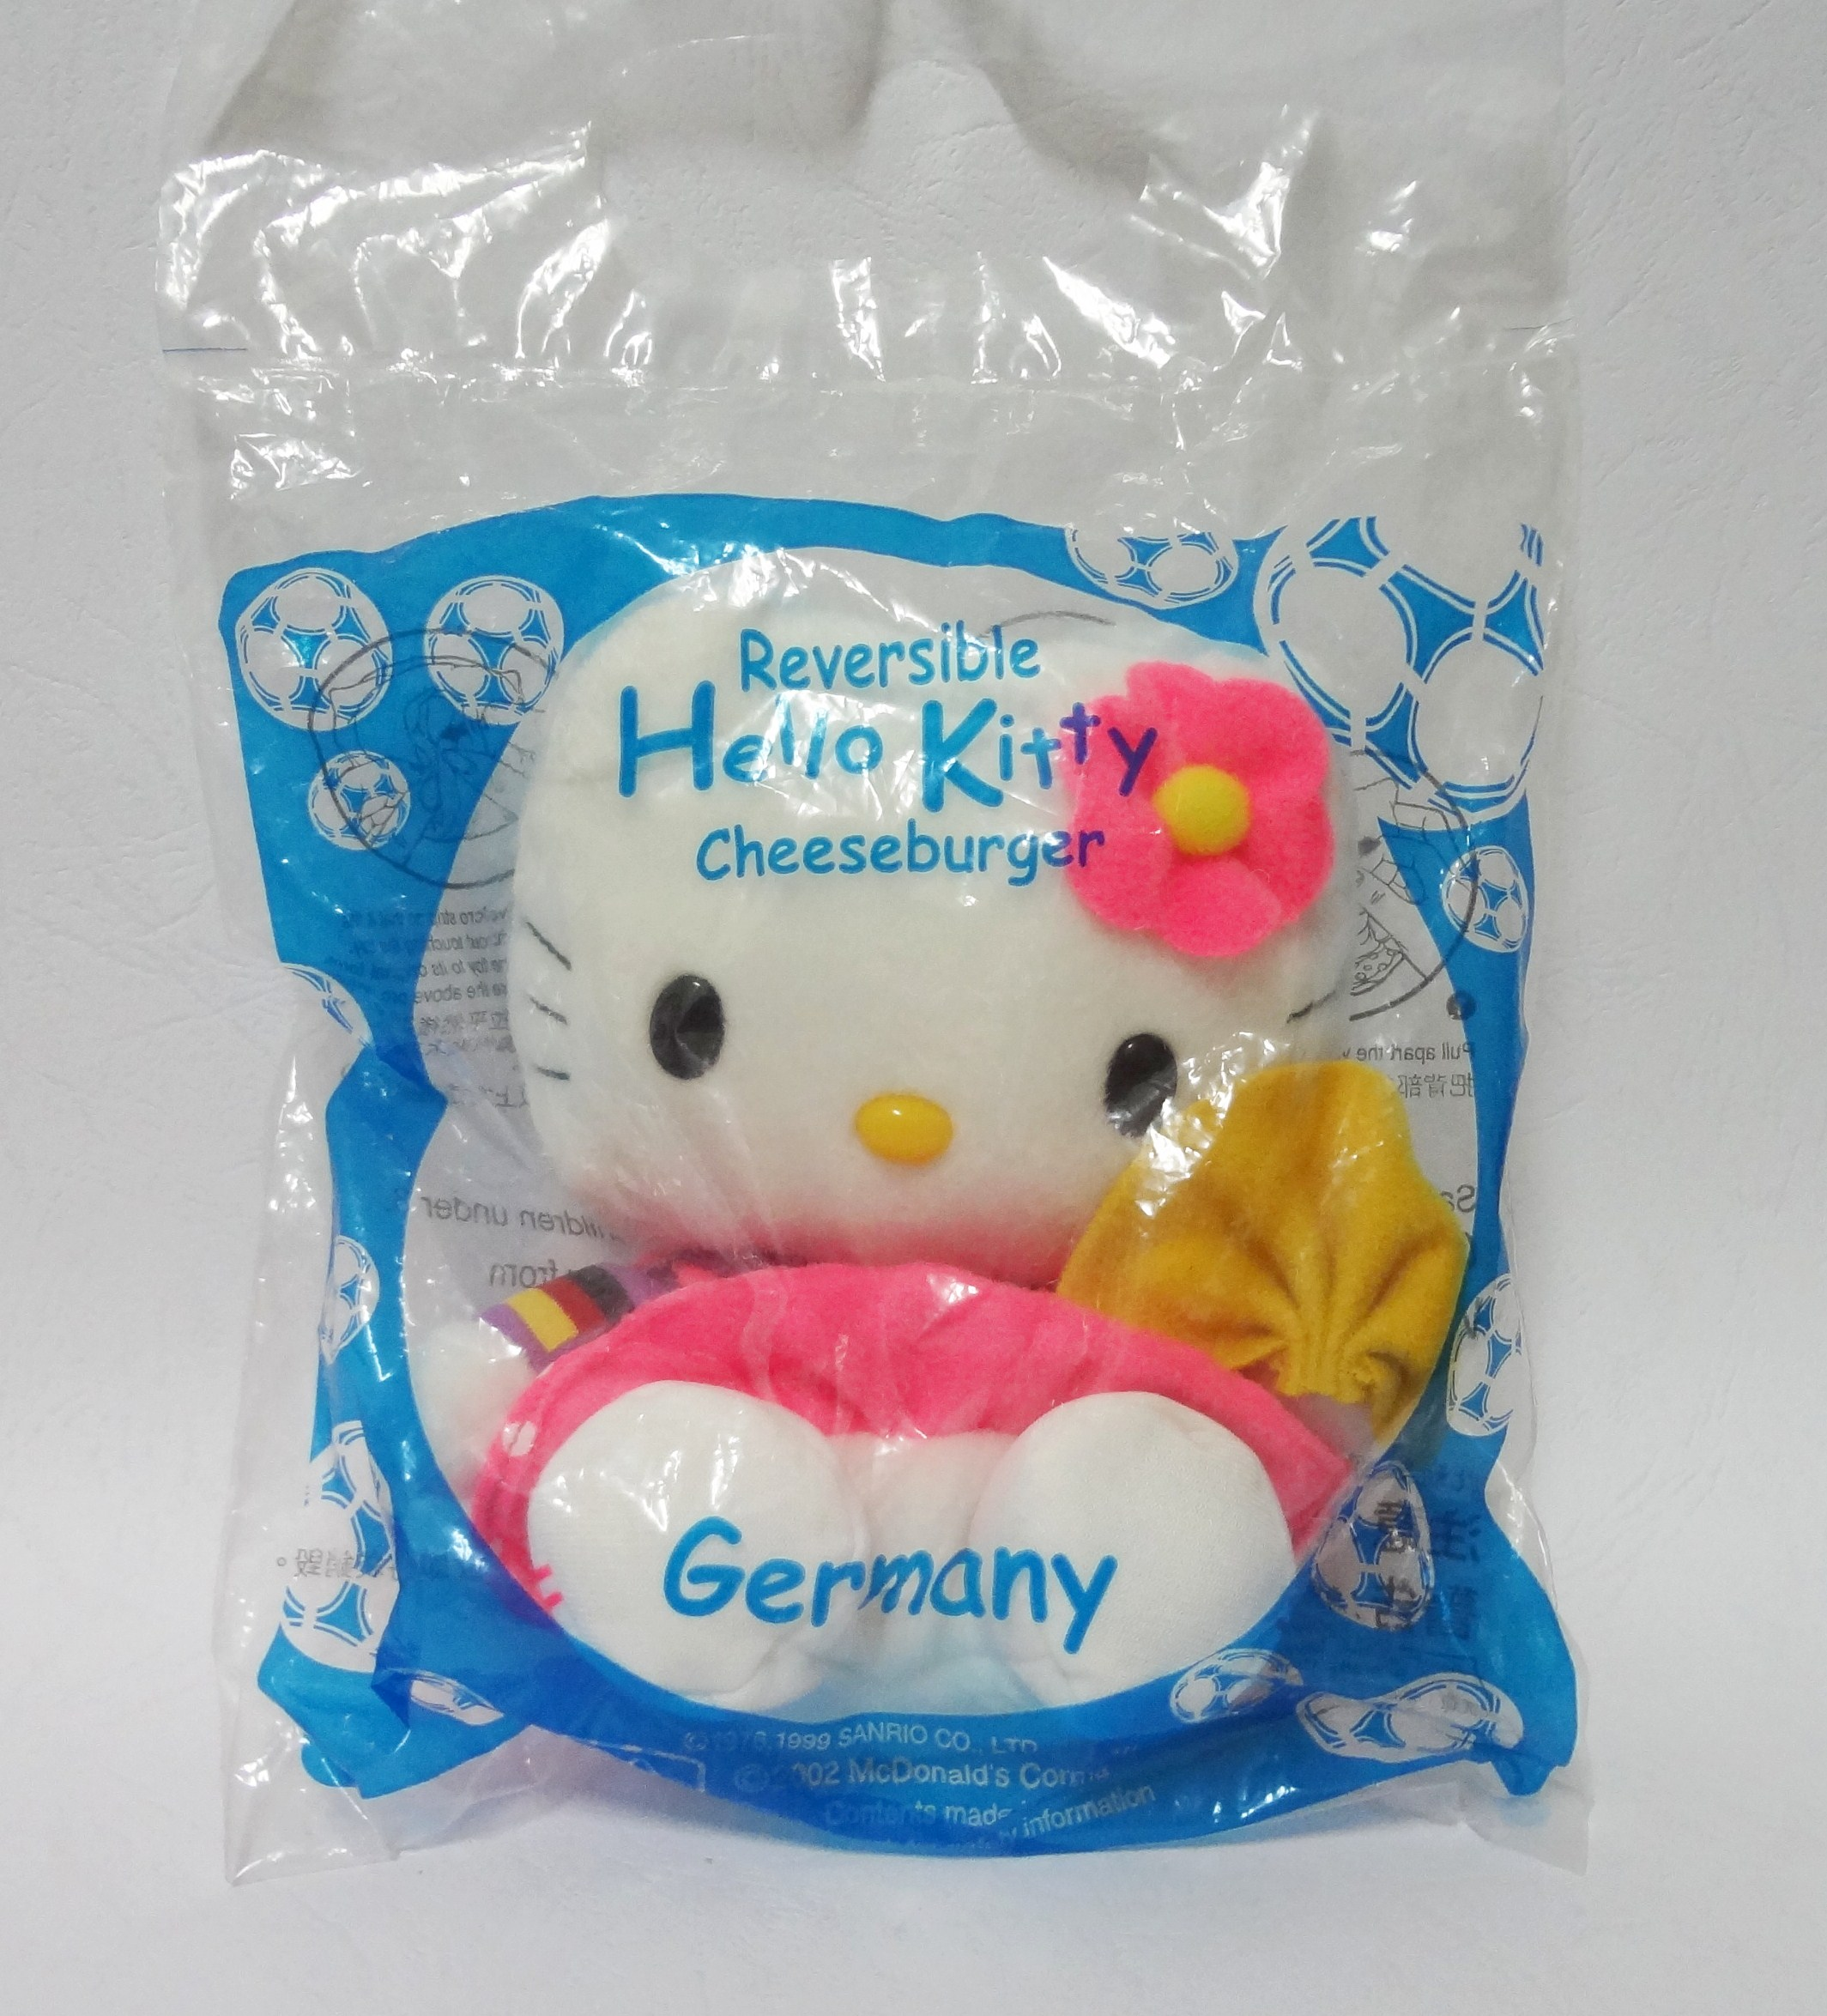 ตุ๊กตา Reversible Hello Kitty-Cheeseburger-Germany